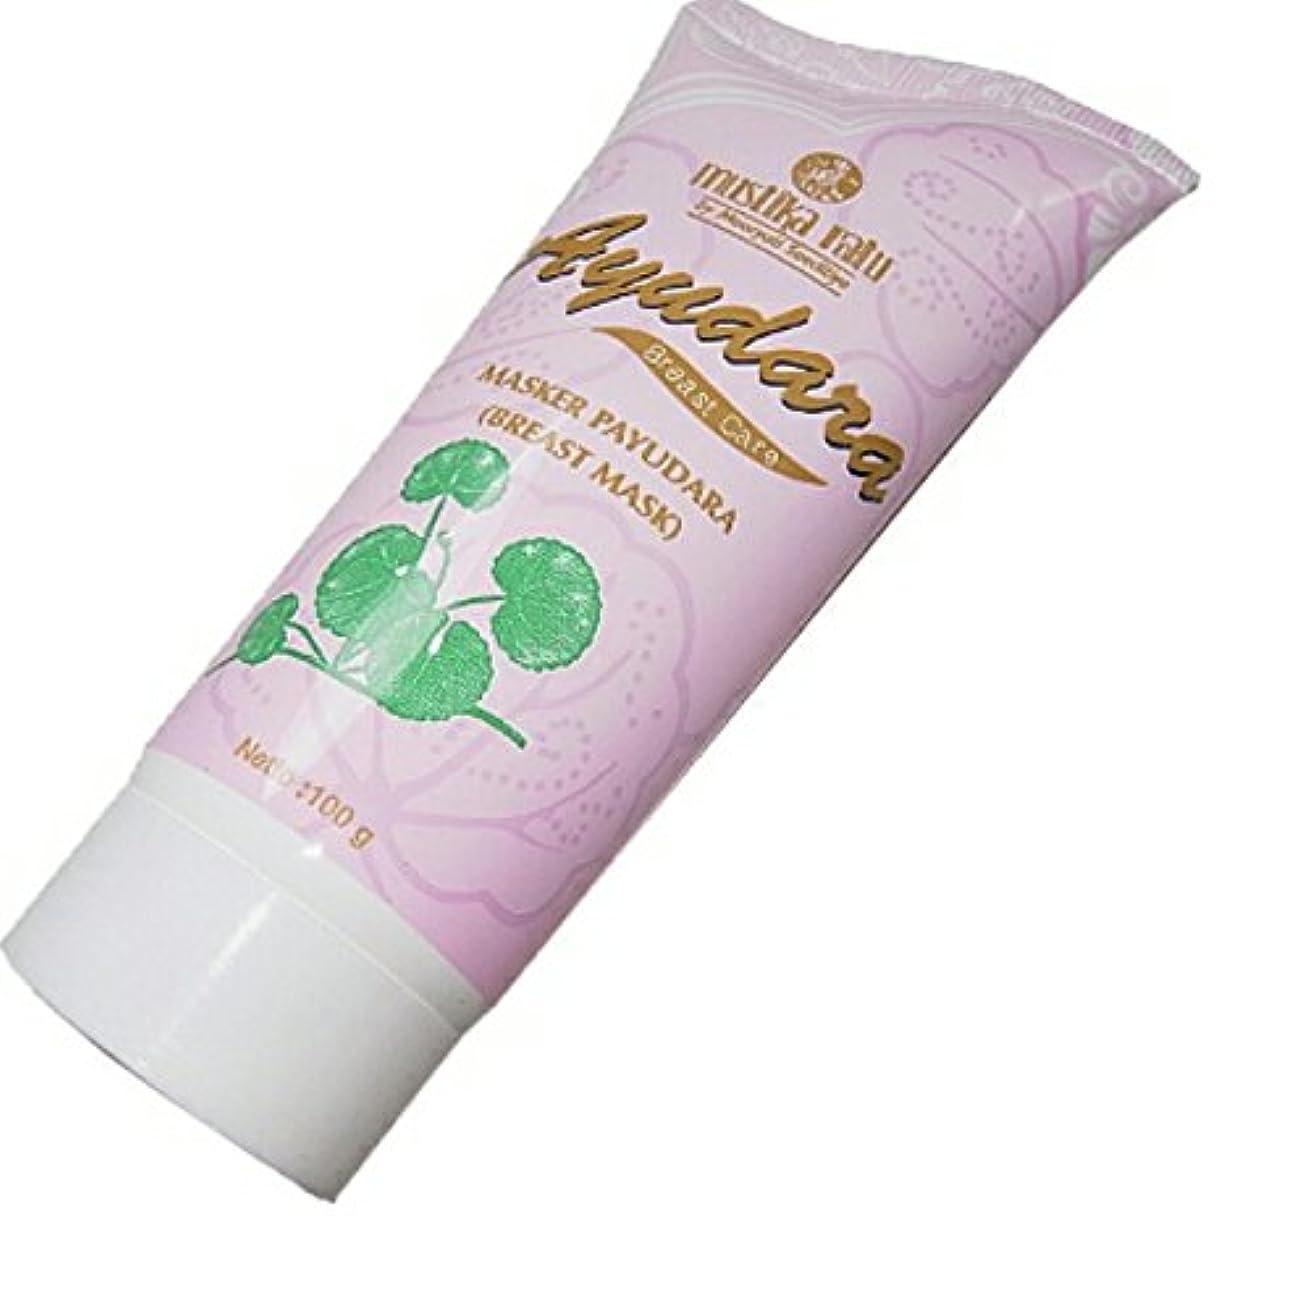 地平線欲しいです受粉者Mustika ratu Ayu Dara ムスティカラトゥayudara乳房マスクオーガニック100grは美しい、より高密度の美乳になり